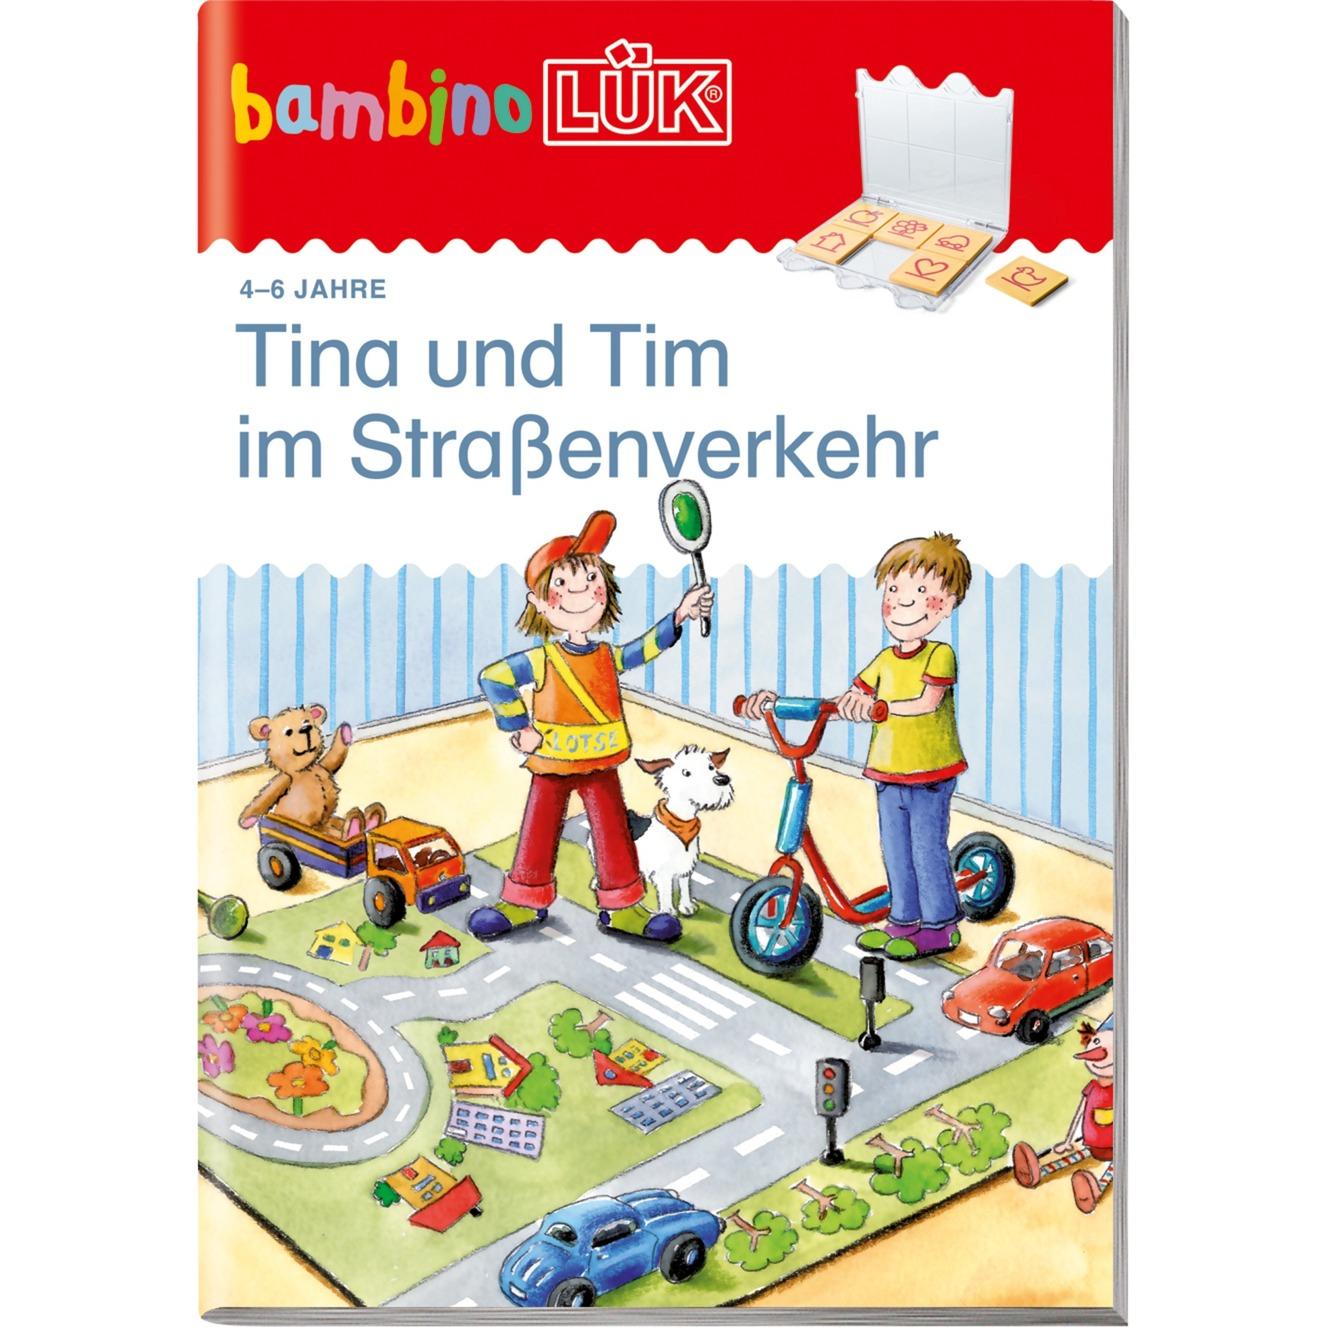 tine-tom-und-taps-im-strassenverkehr-bornebog-bog-til-indlaring-skolebog